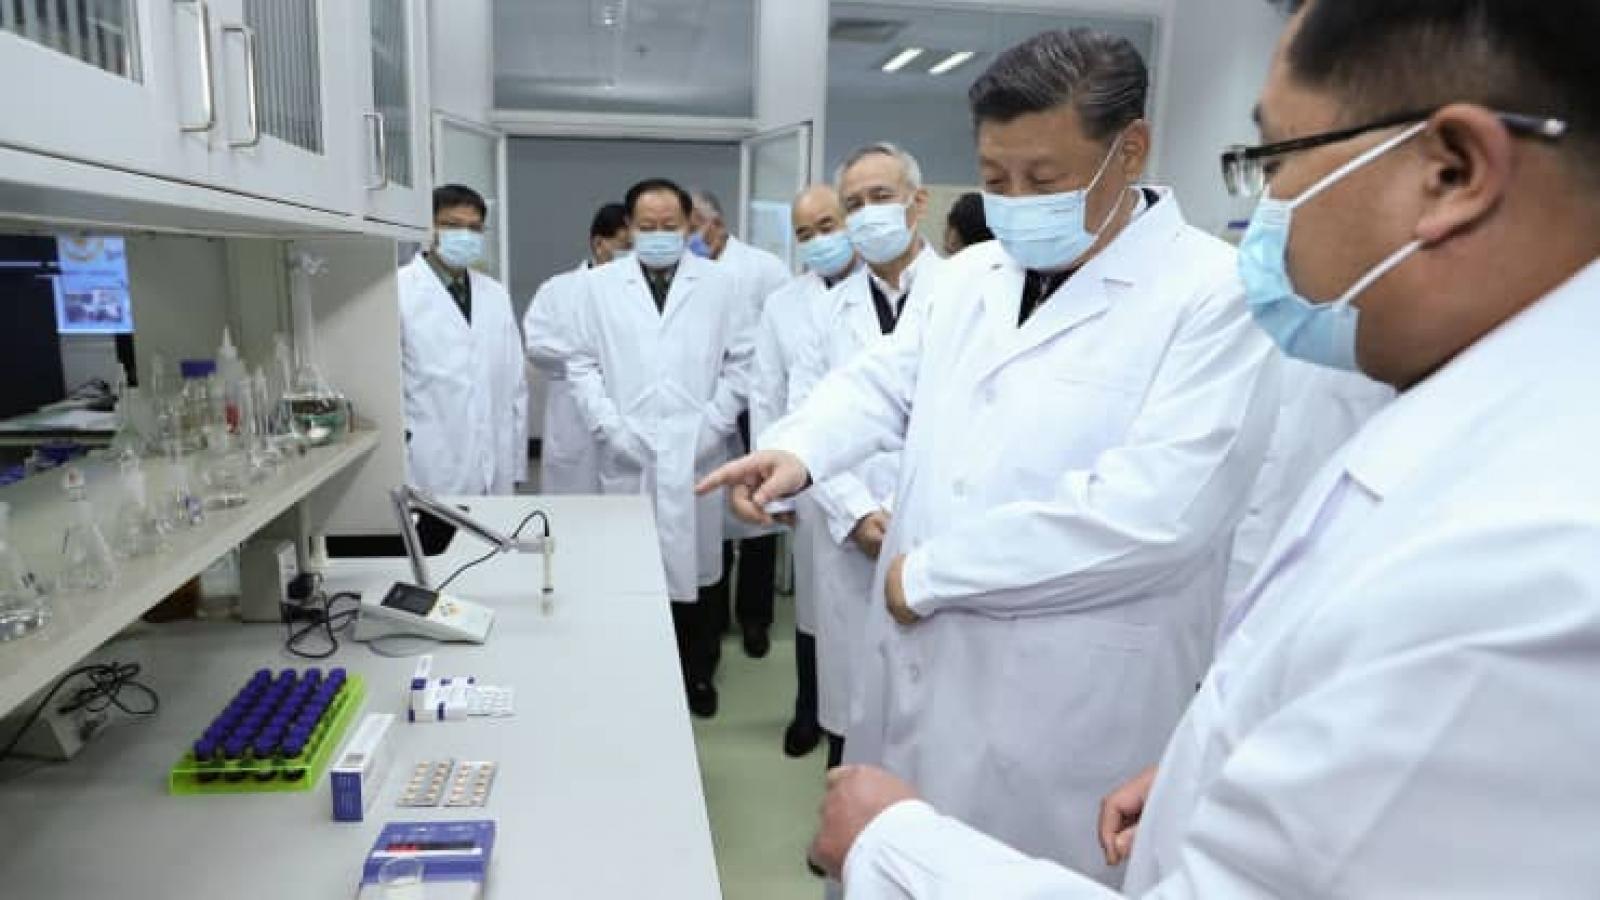 Ý đồ của Trung Quốc khi ưu tiên vaccine Covid-19 cho các nước đang phát triển